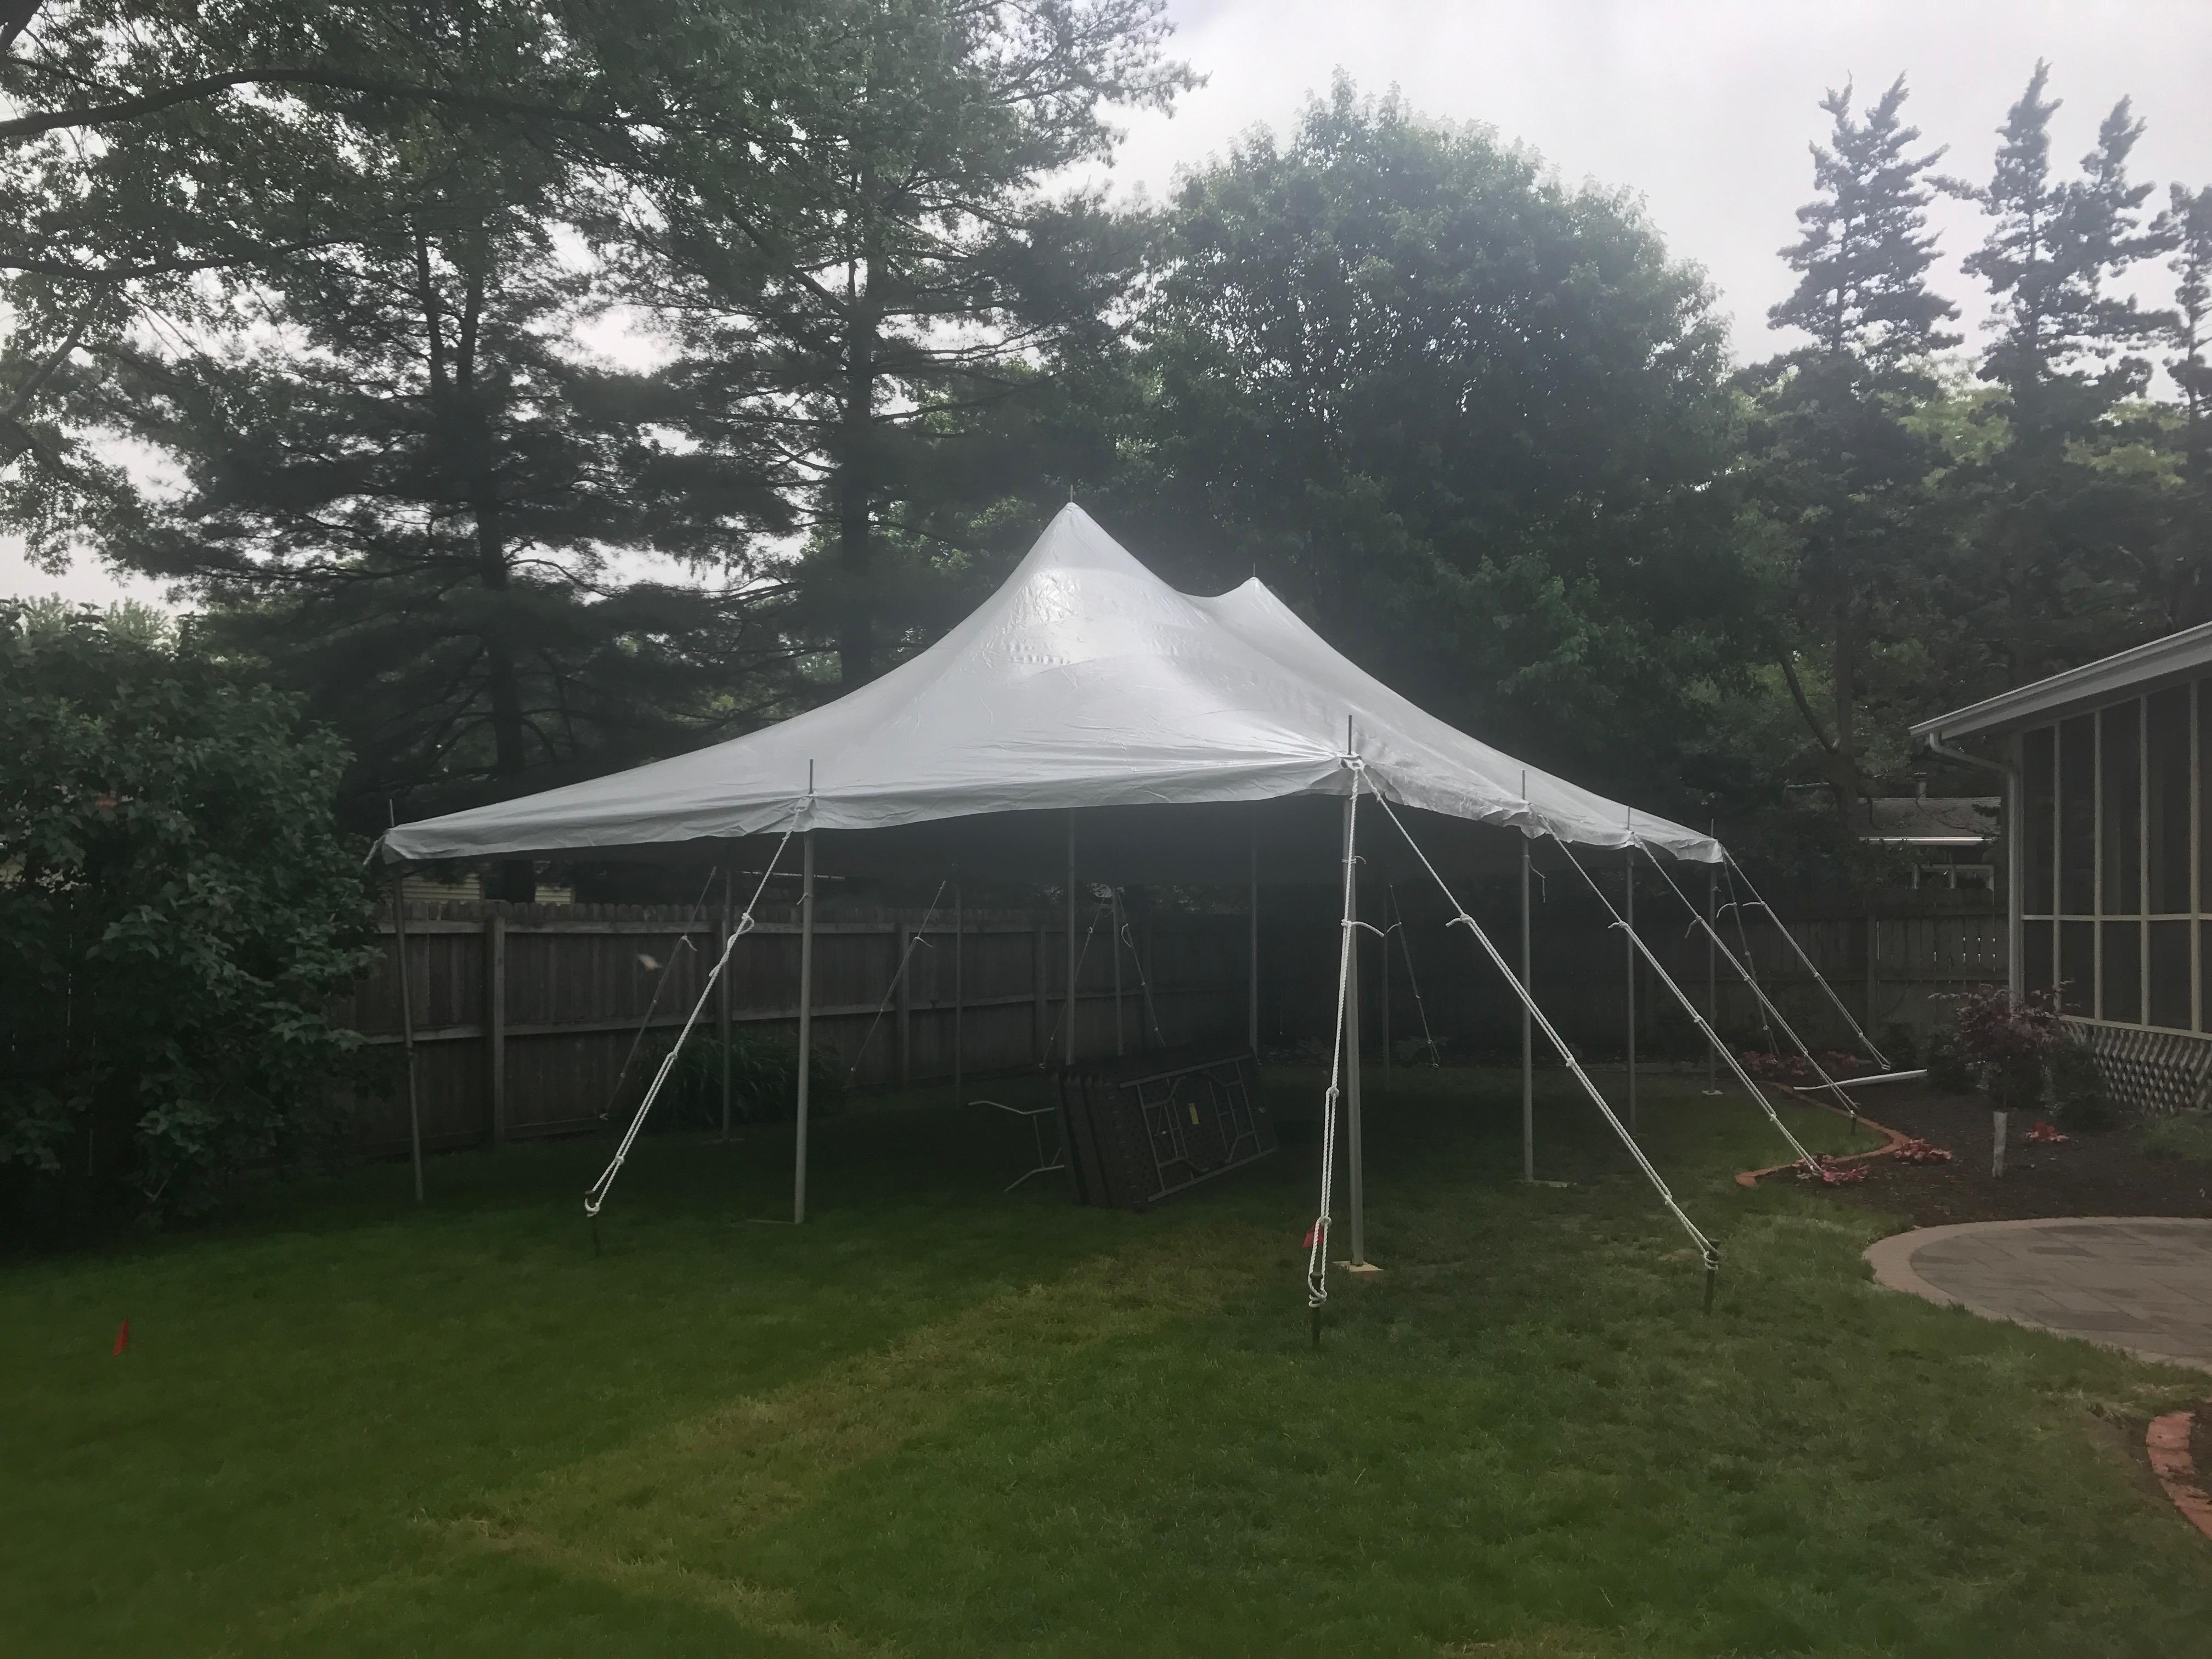 backyard graduation party with 20 u0027 x 30 u0027 and pole tent iowa